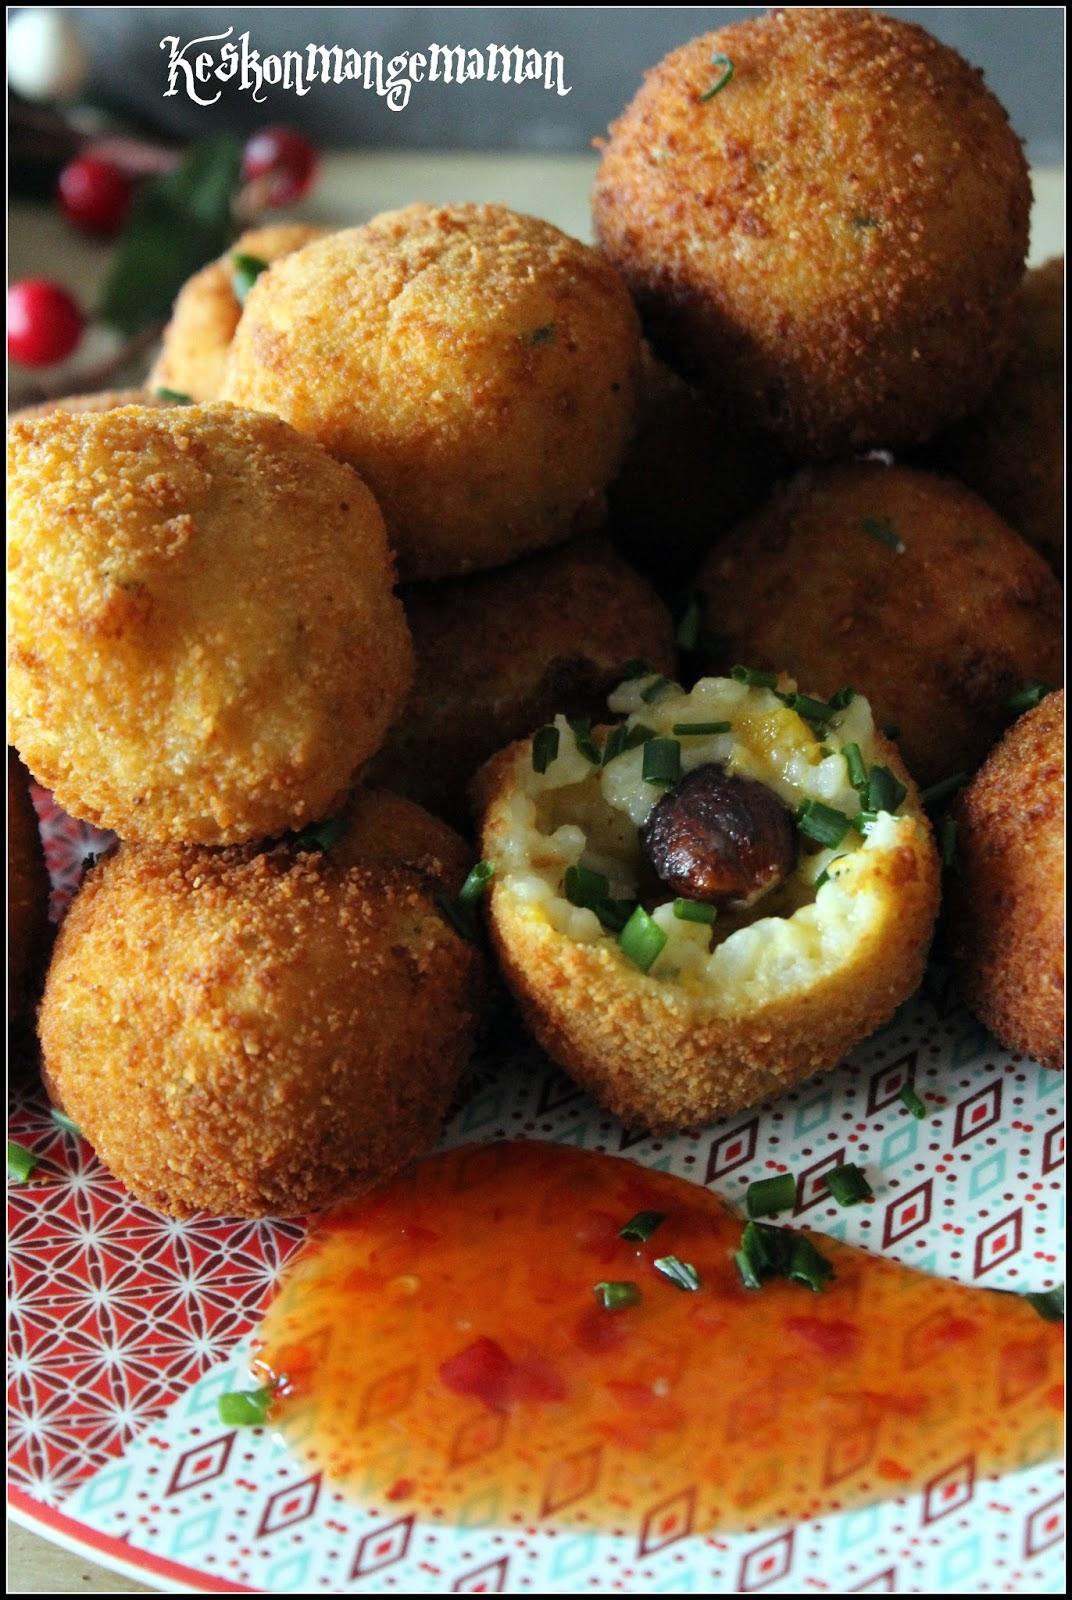 Keskonmangemaman foodista challenge cuisiner les restes arancinis restes de risotto la - Cuisiner la veille pour le lendemain ...